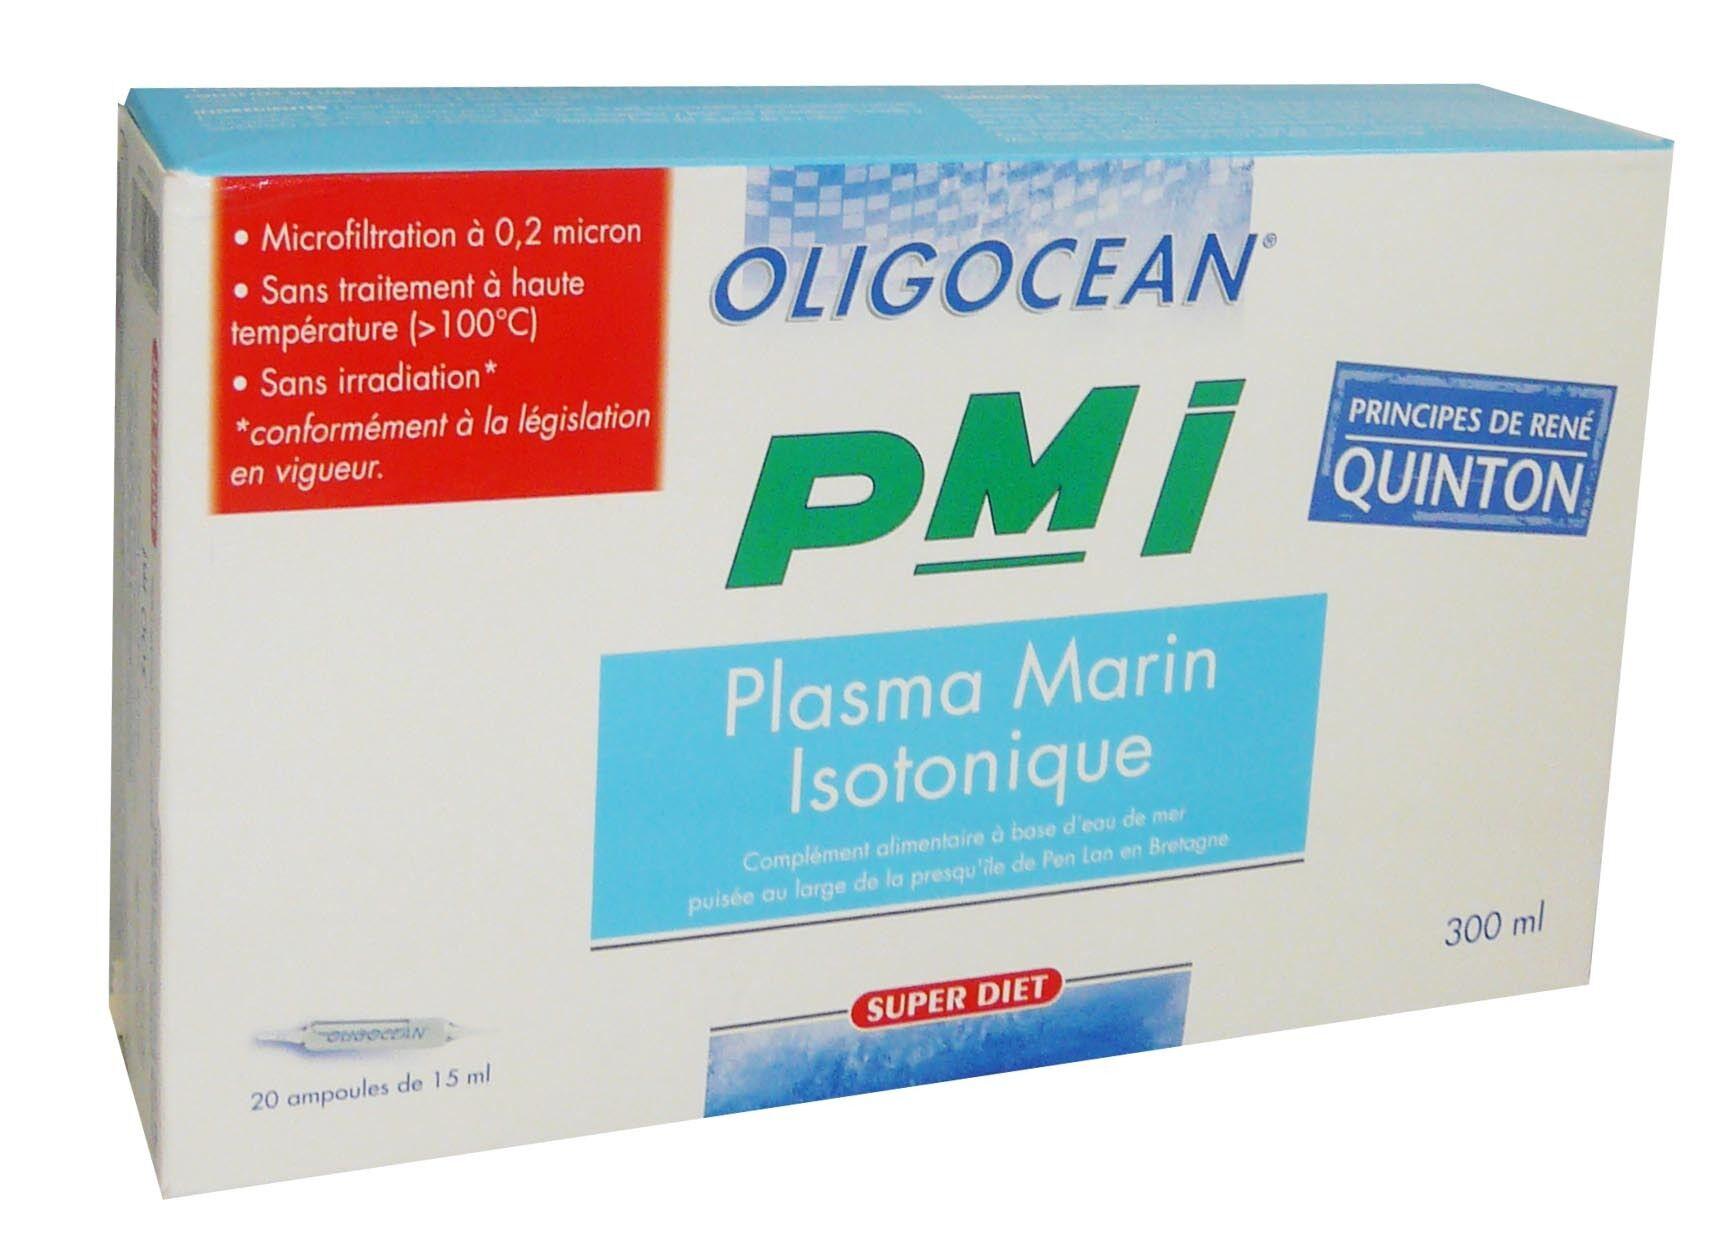 SUPER DIET Oligocean plasma marin isotonique pmi 20 ampoules de 15ml